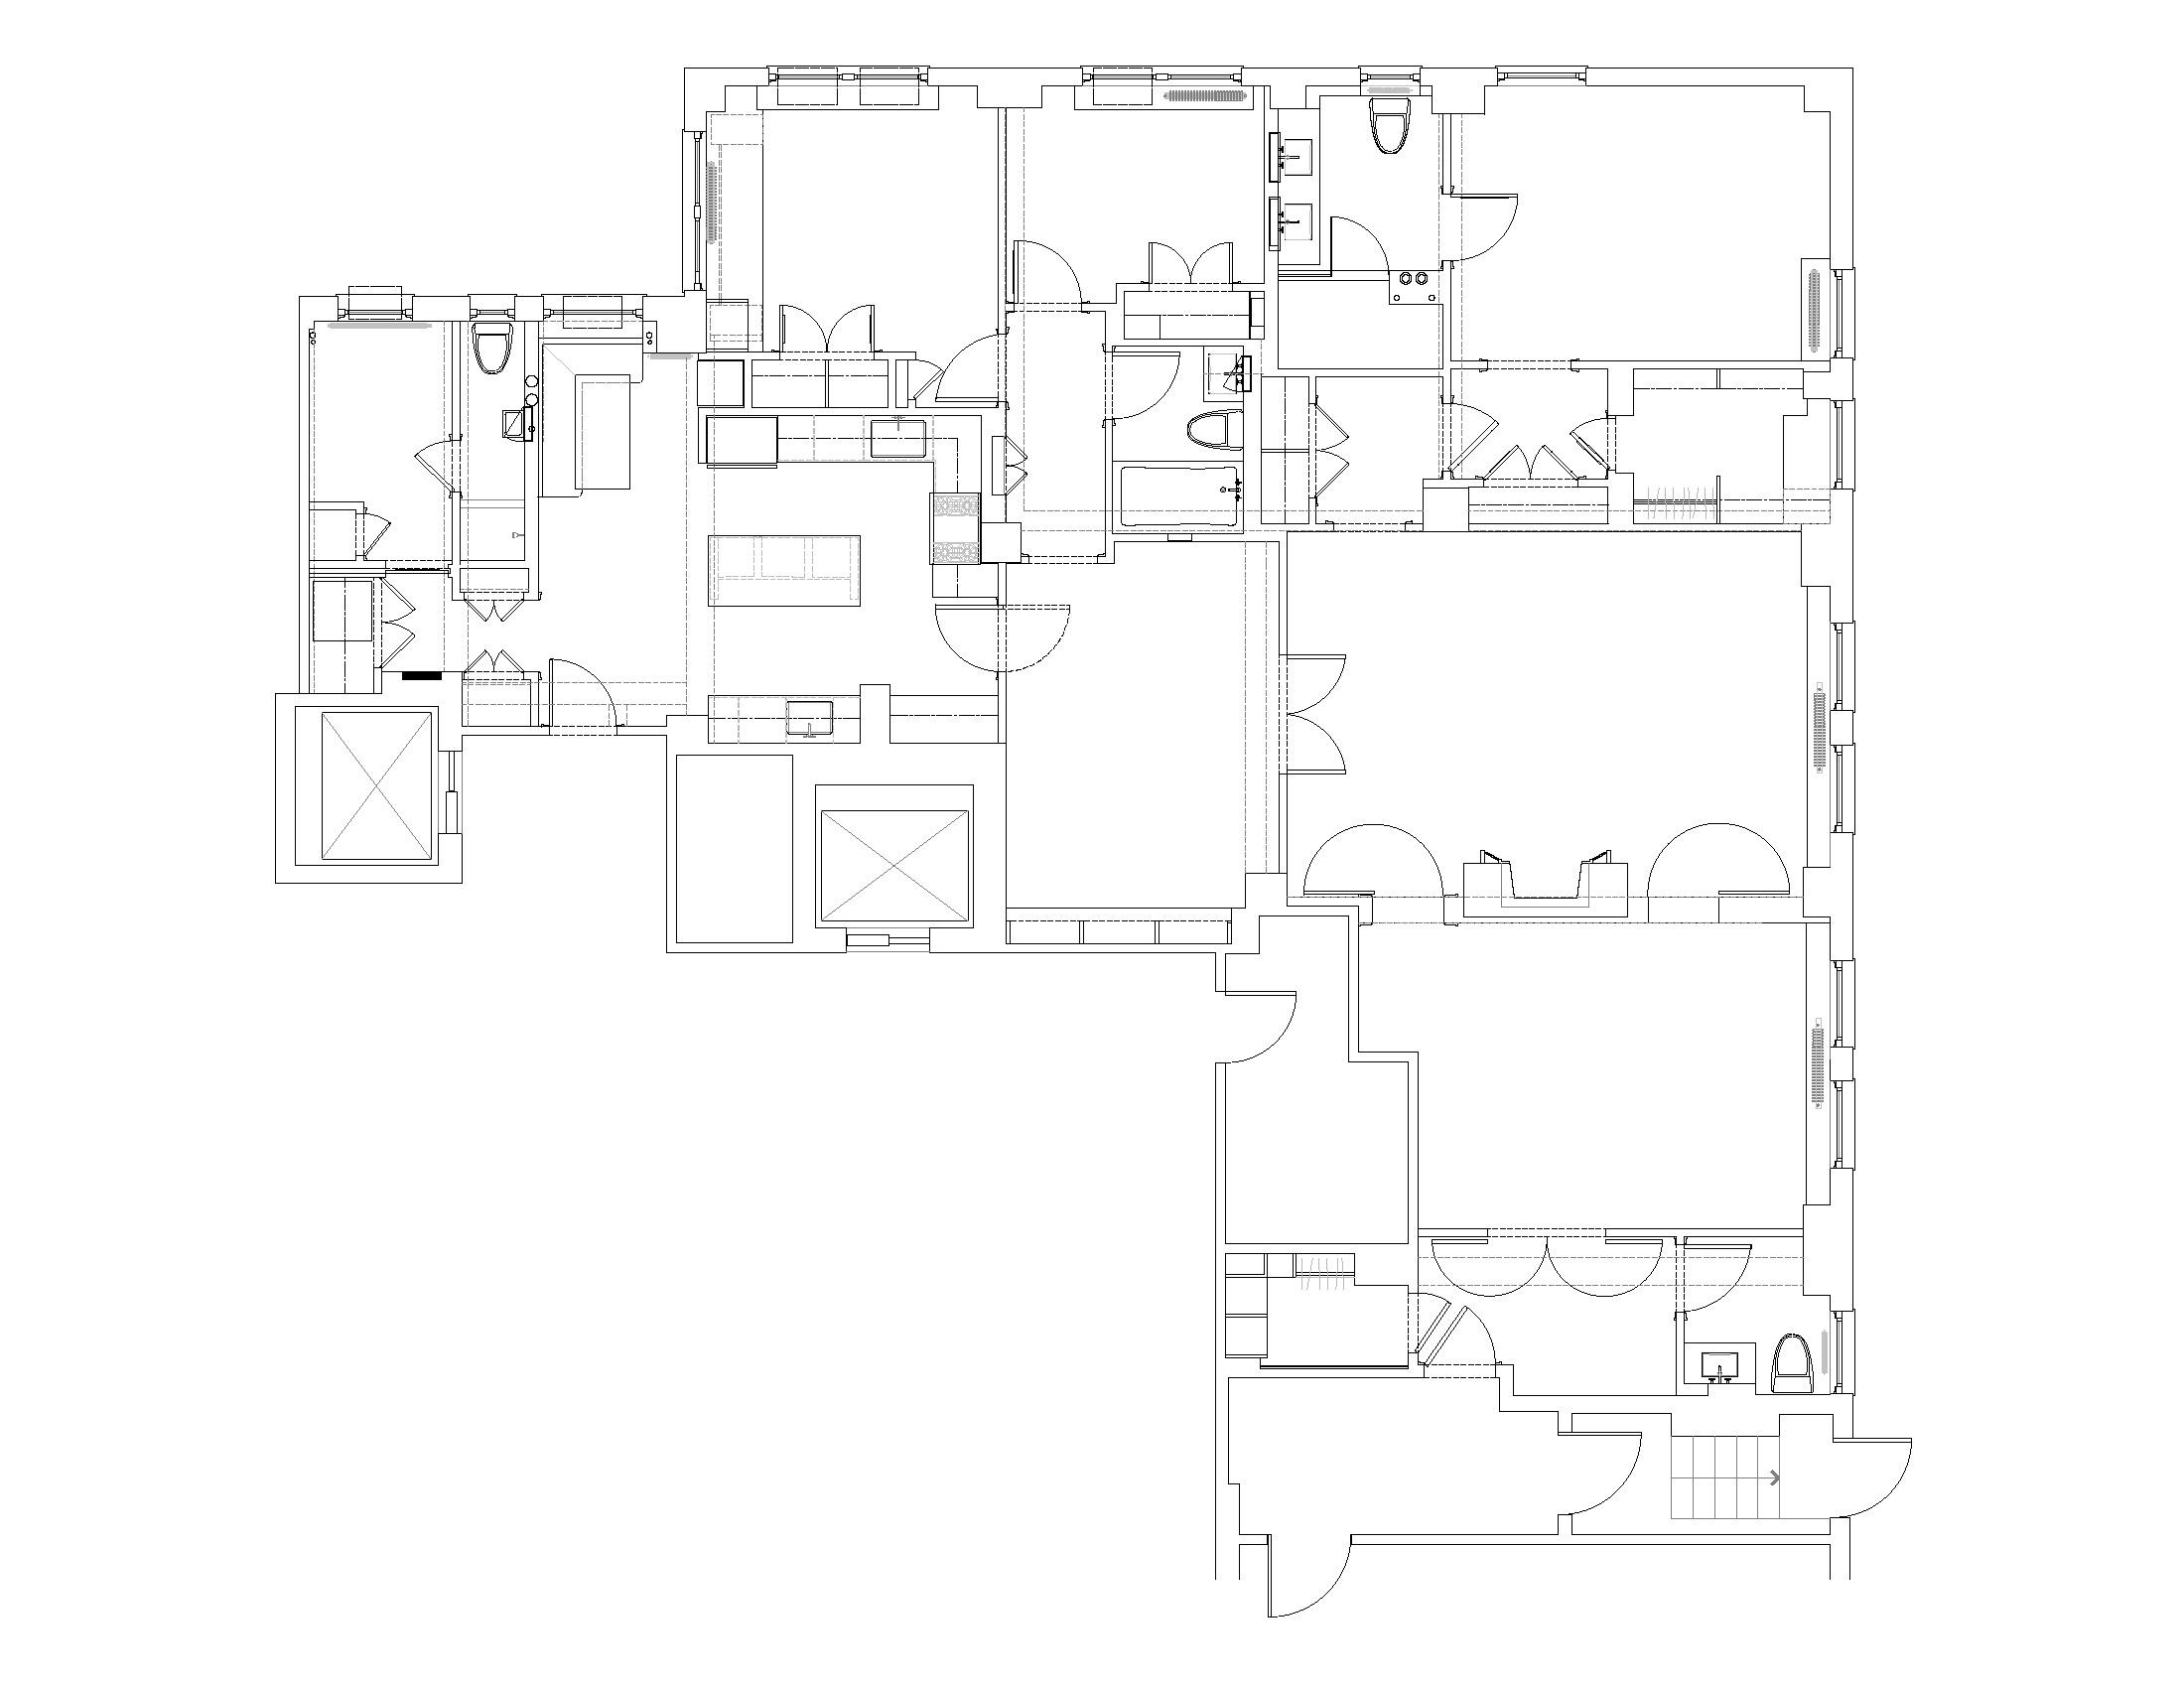 Roffe residence baseplan-Model.jpg